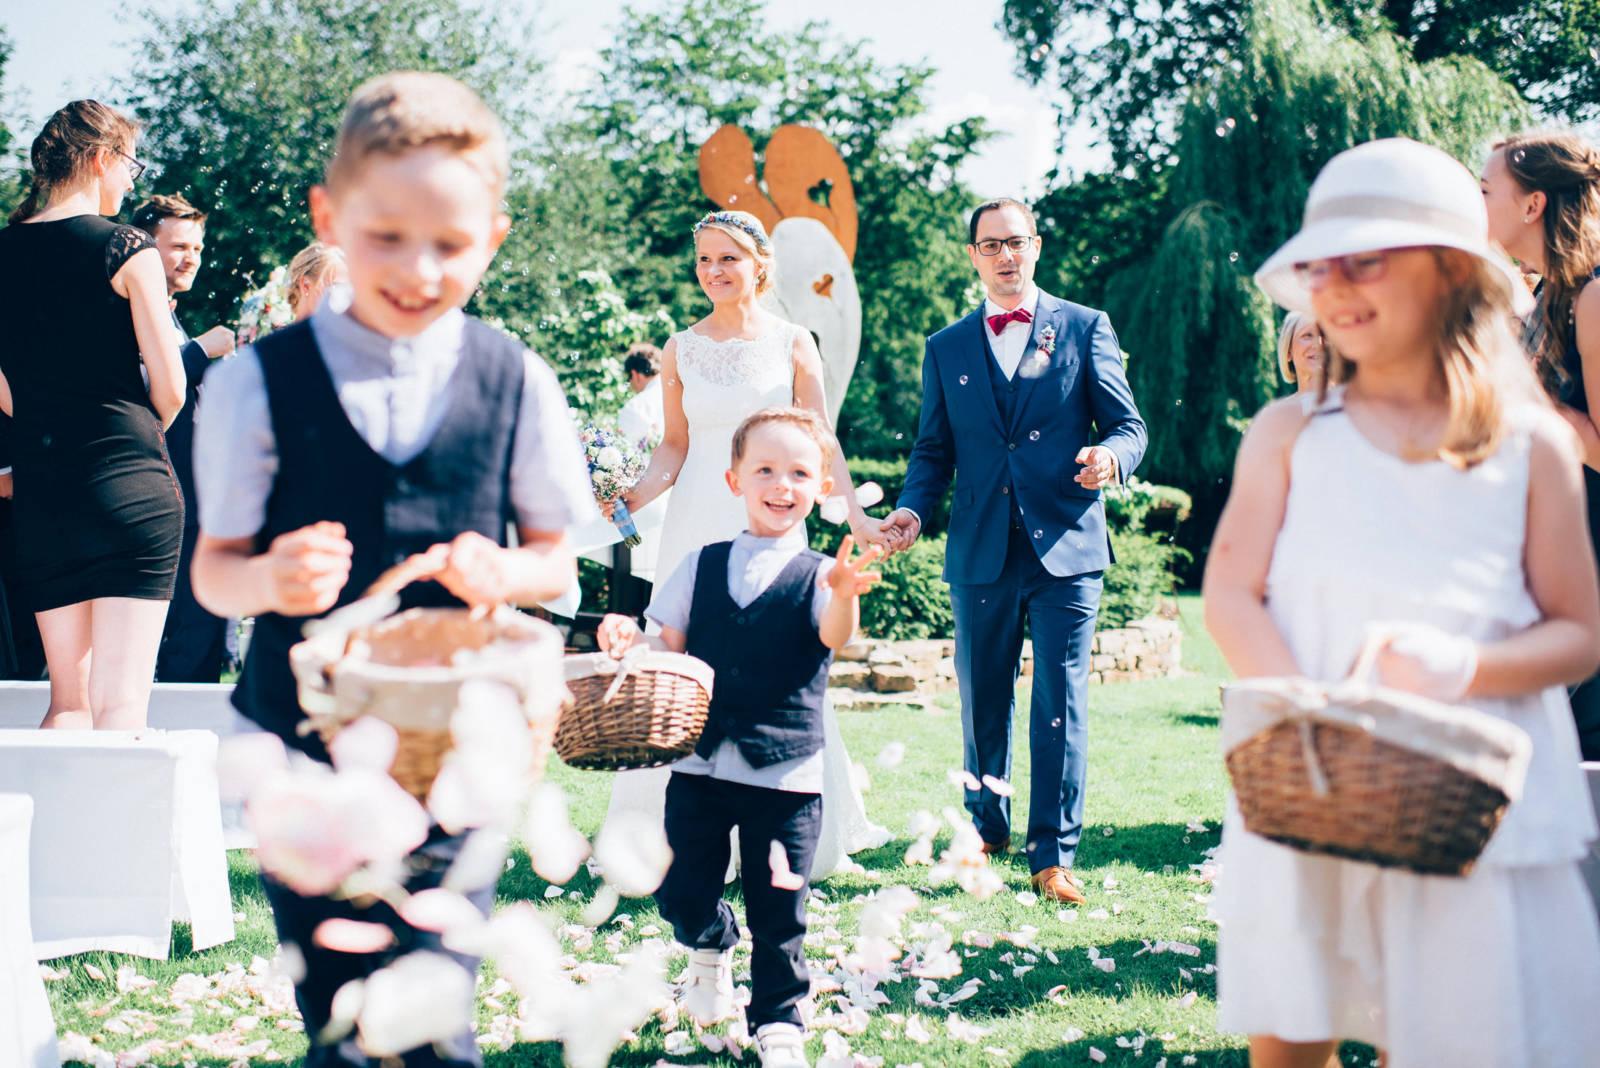 Auszug des Brautpaares nach der Freien Trauung im Garten umgeben von Blumenkindern Hochzeitsfotograf Bern Bruno Biermann